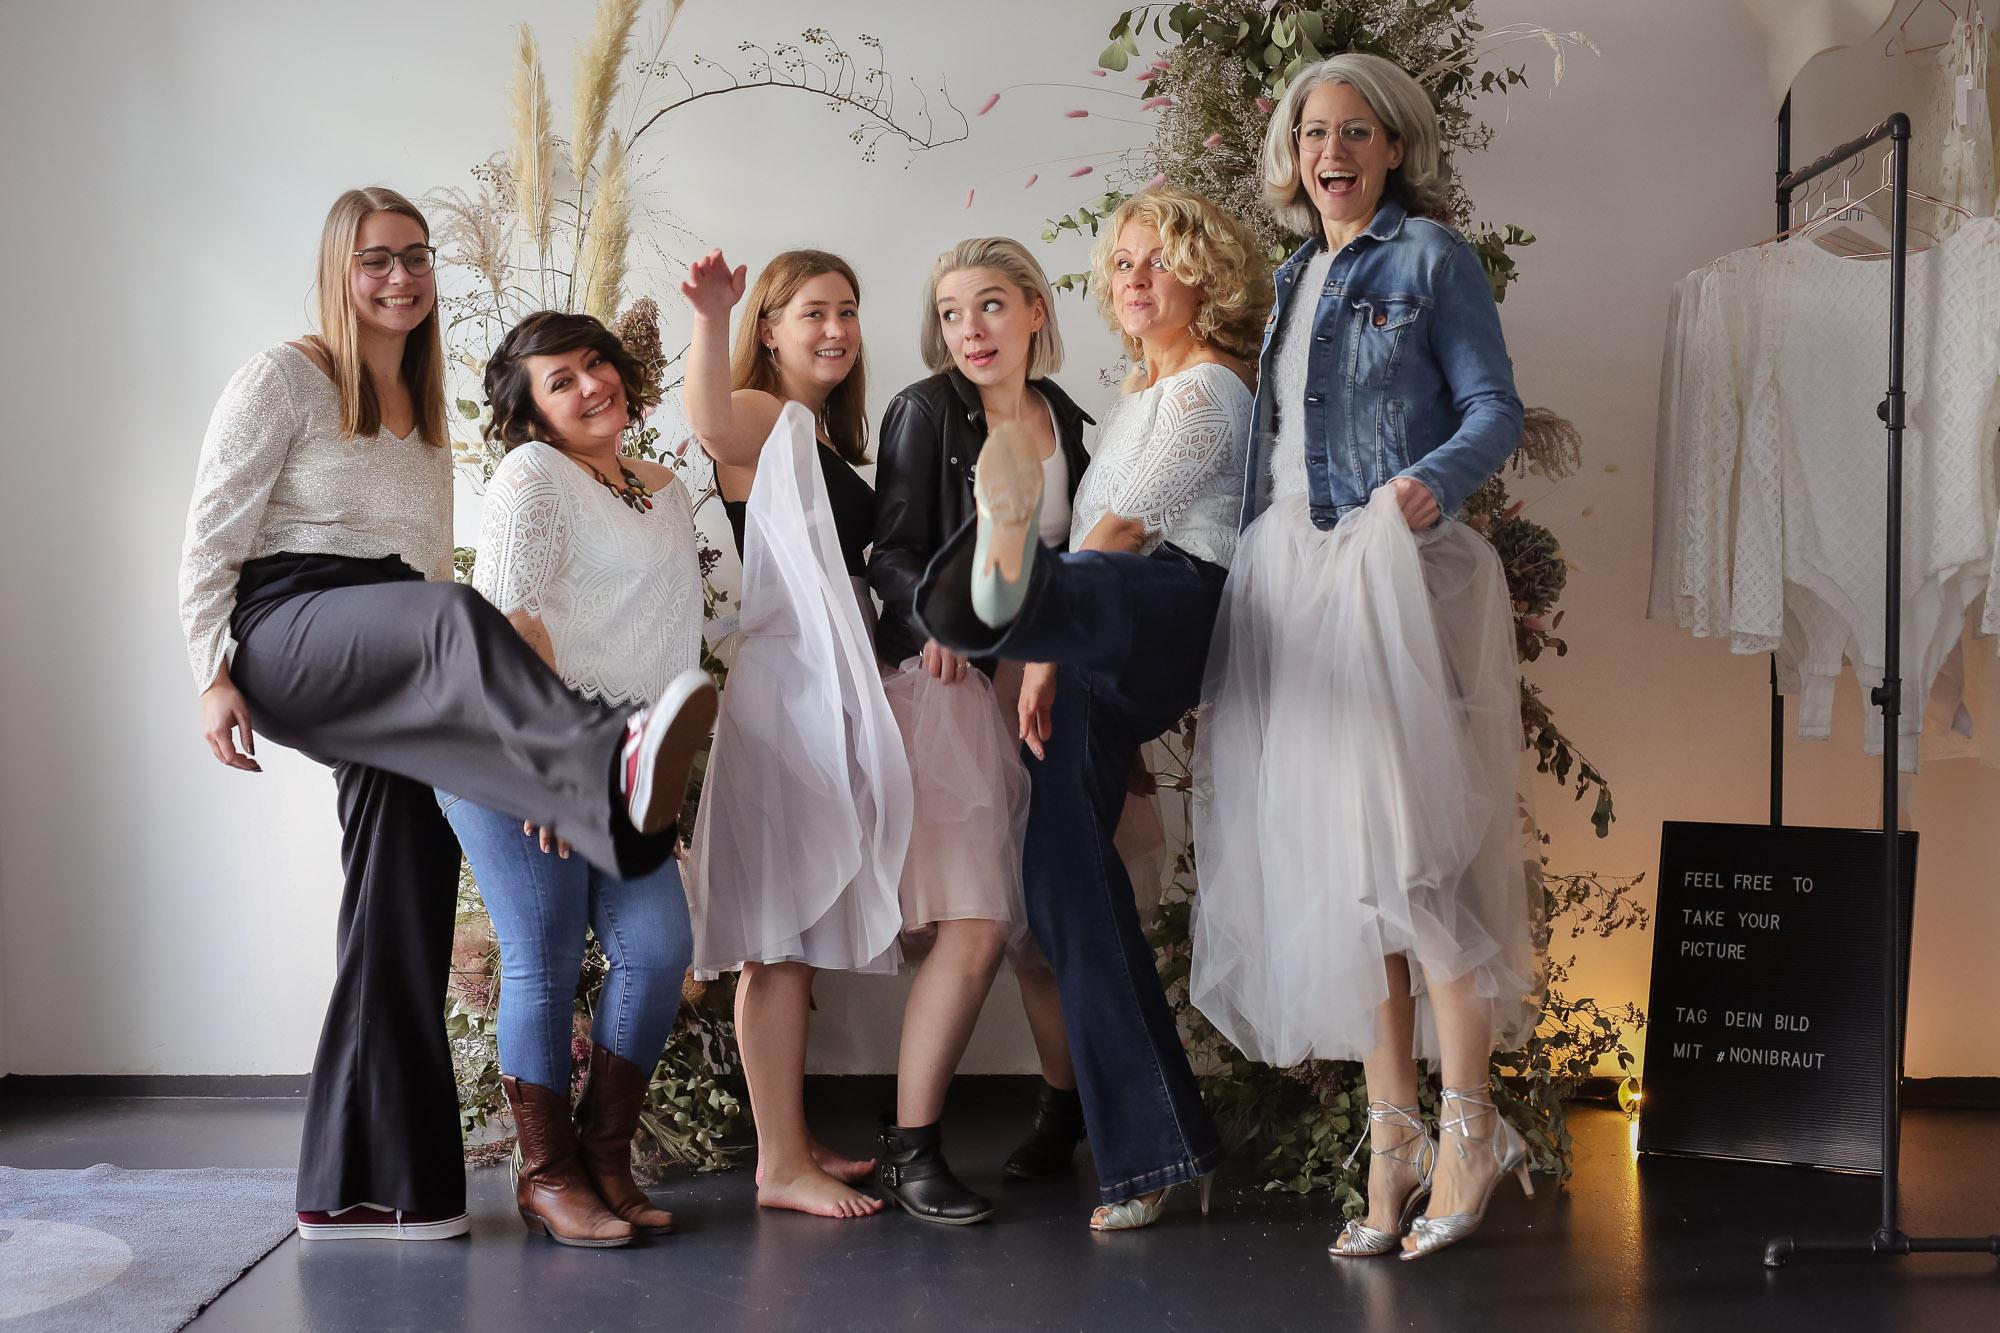 noni Brautkleider, Gruppenbild mit Brautkleidern und Alltagsklamotten